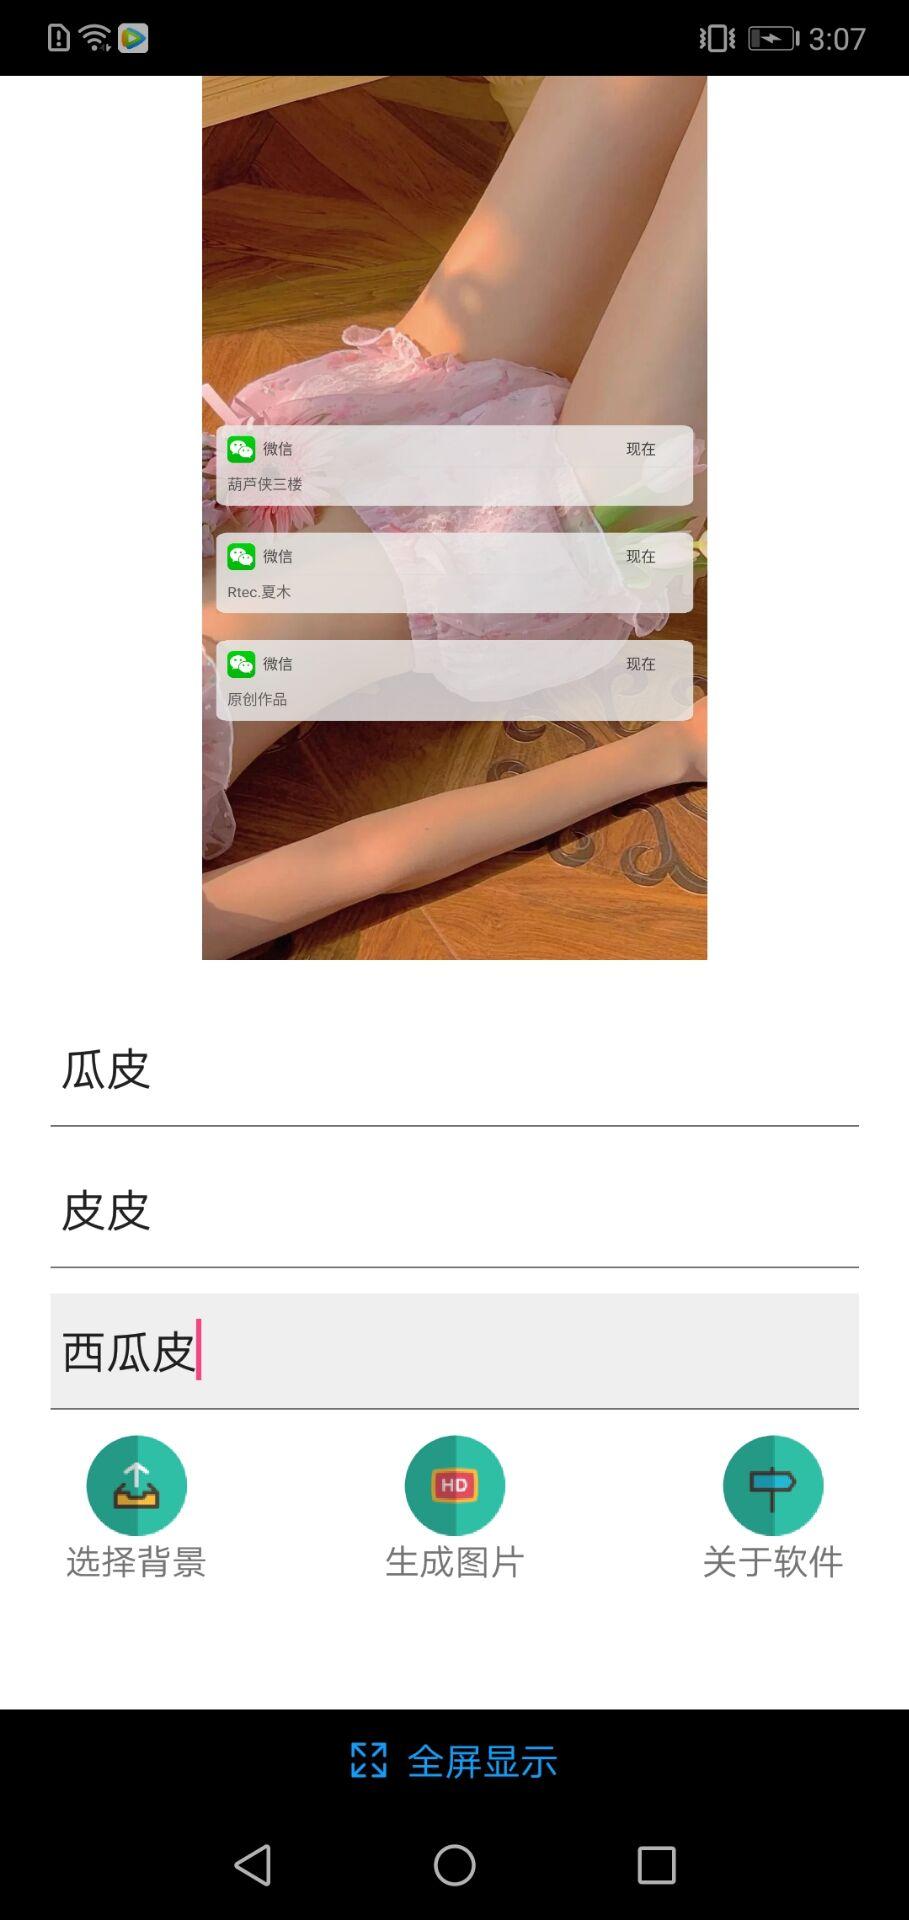 【资源分享】信息壁纸生成器-爱小助